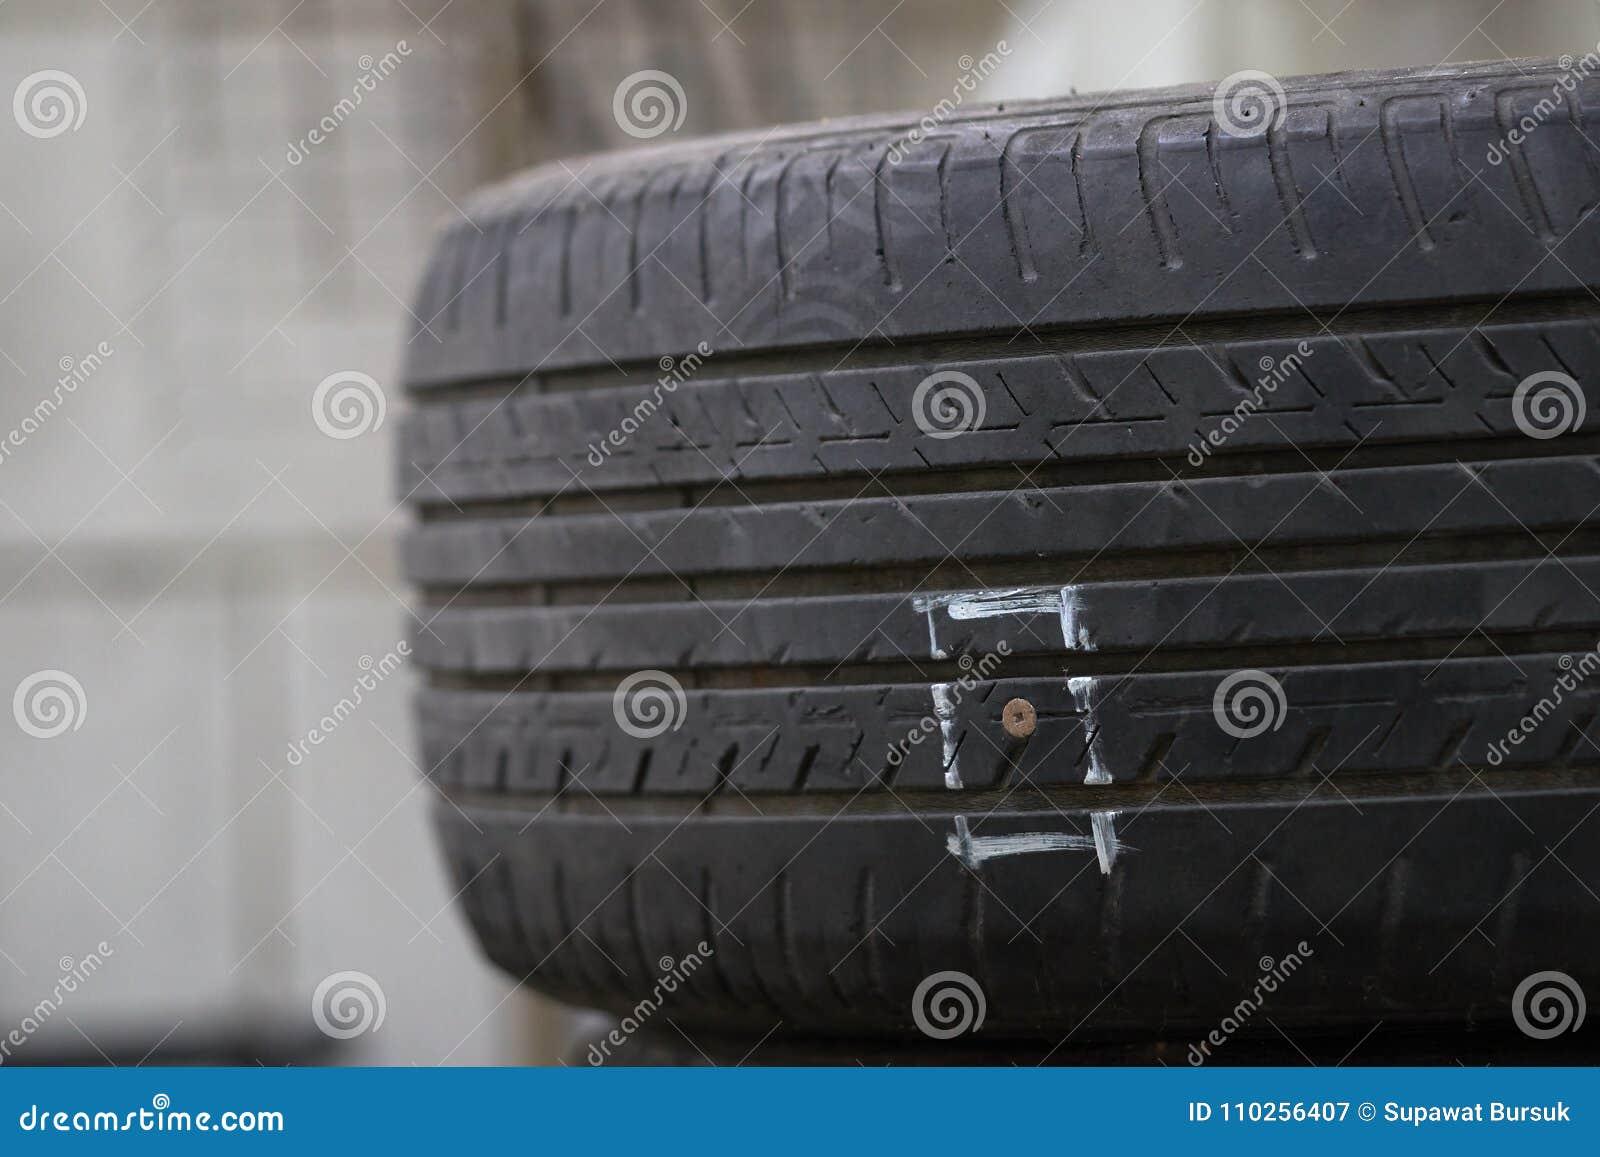 Des pneus sur le plancher sont endommagés en frappant des clous ou des objets pointus, ayant pour résultat la fuite du caoutchouc